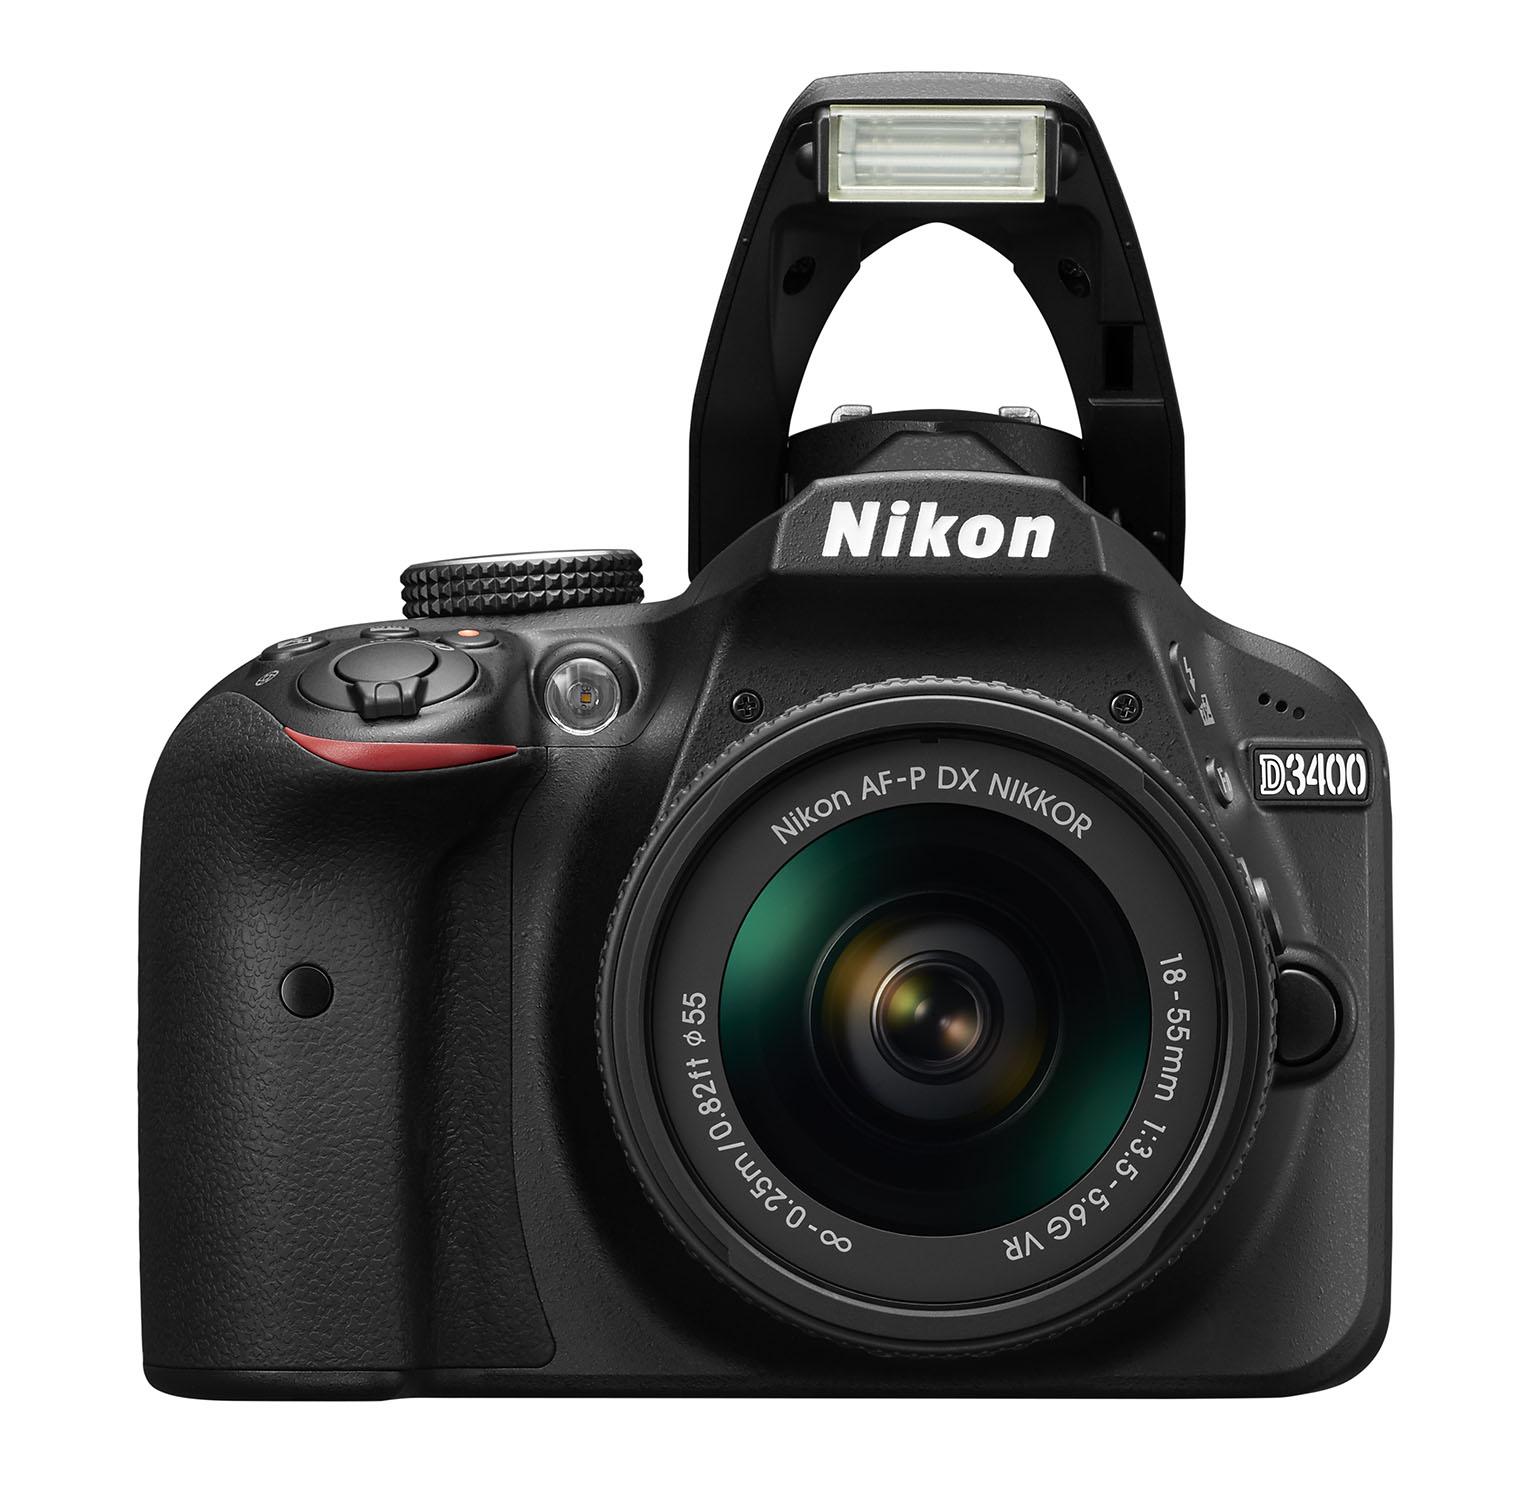 f22-cz-Nikon-D3400_BK_SLup_front